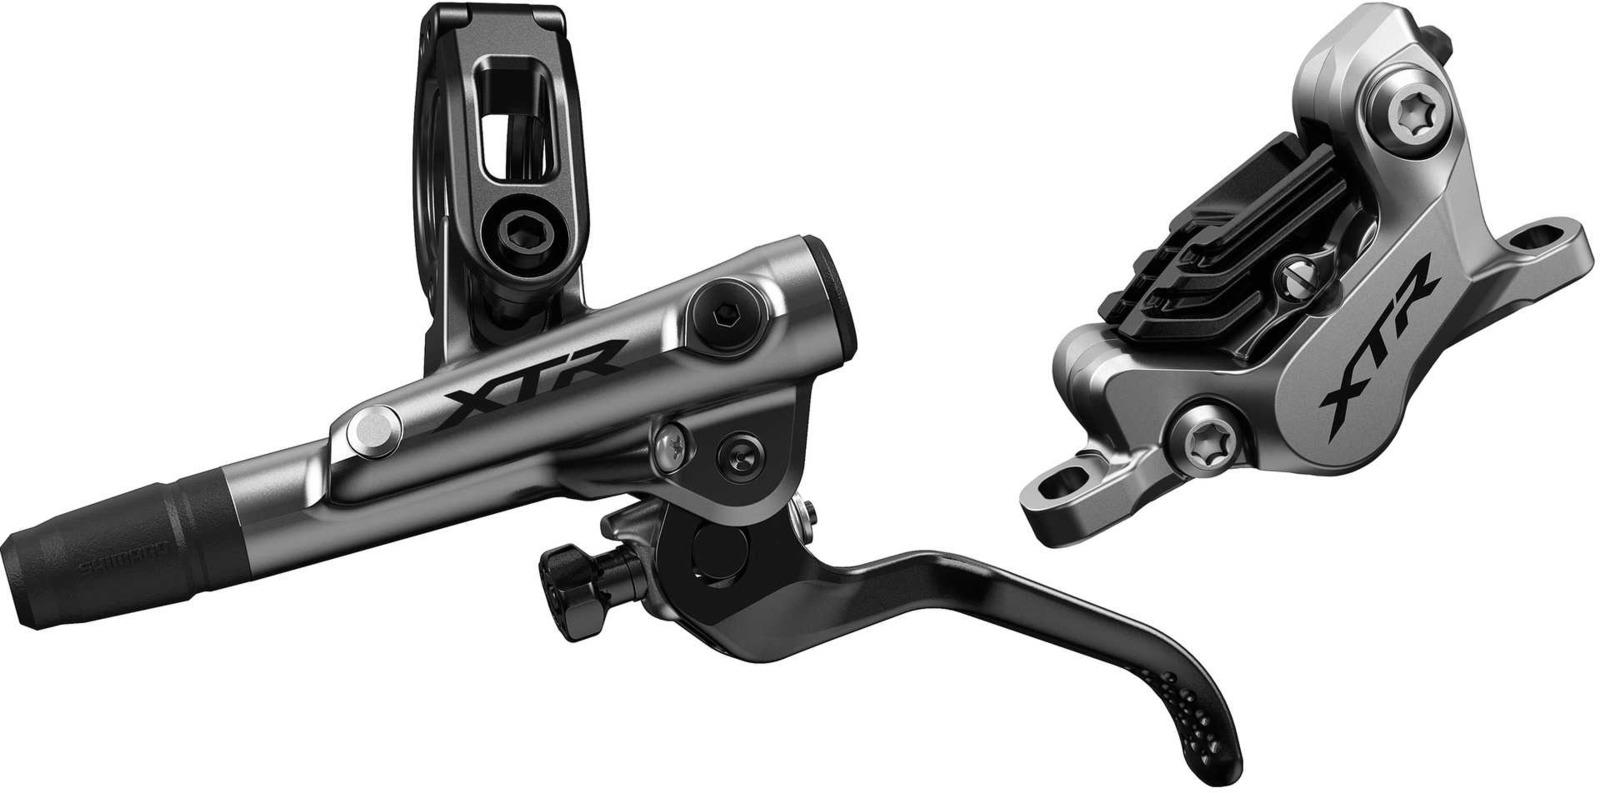 Тормоз для велосипеда Shimano XTR, M9120, BL левый/BR передний, полимерные колодки с кулером, 1000 мм, IM9120KLFPSA100